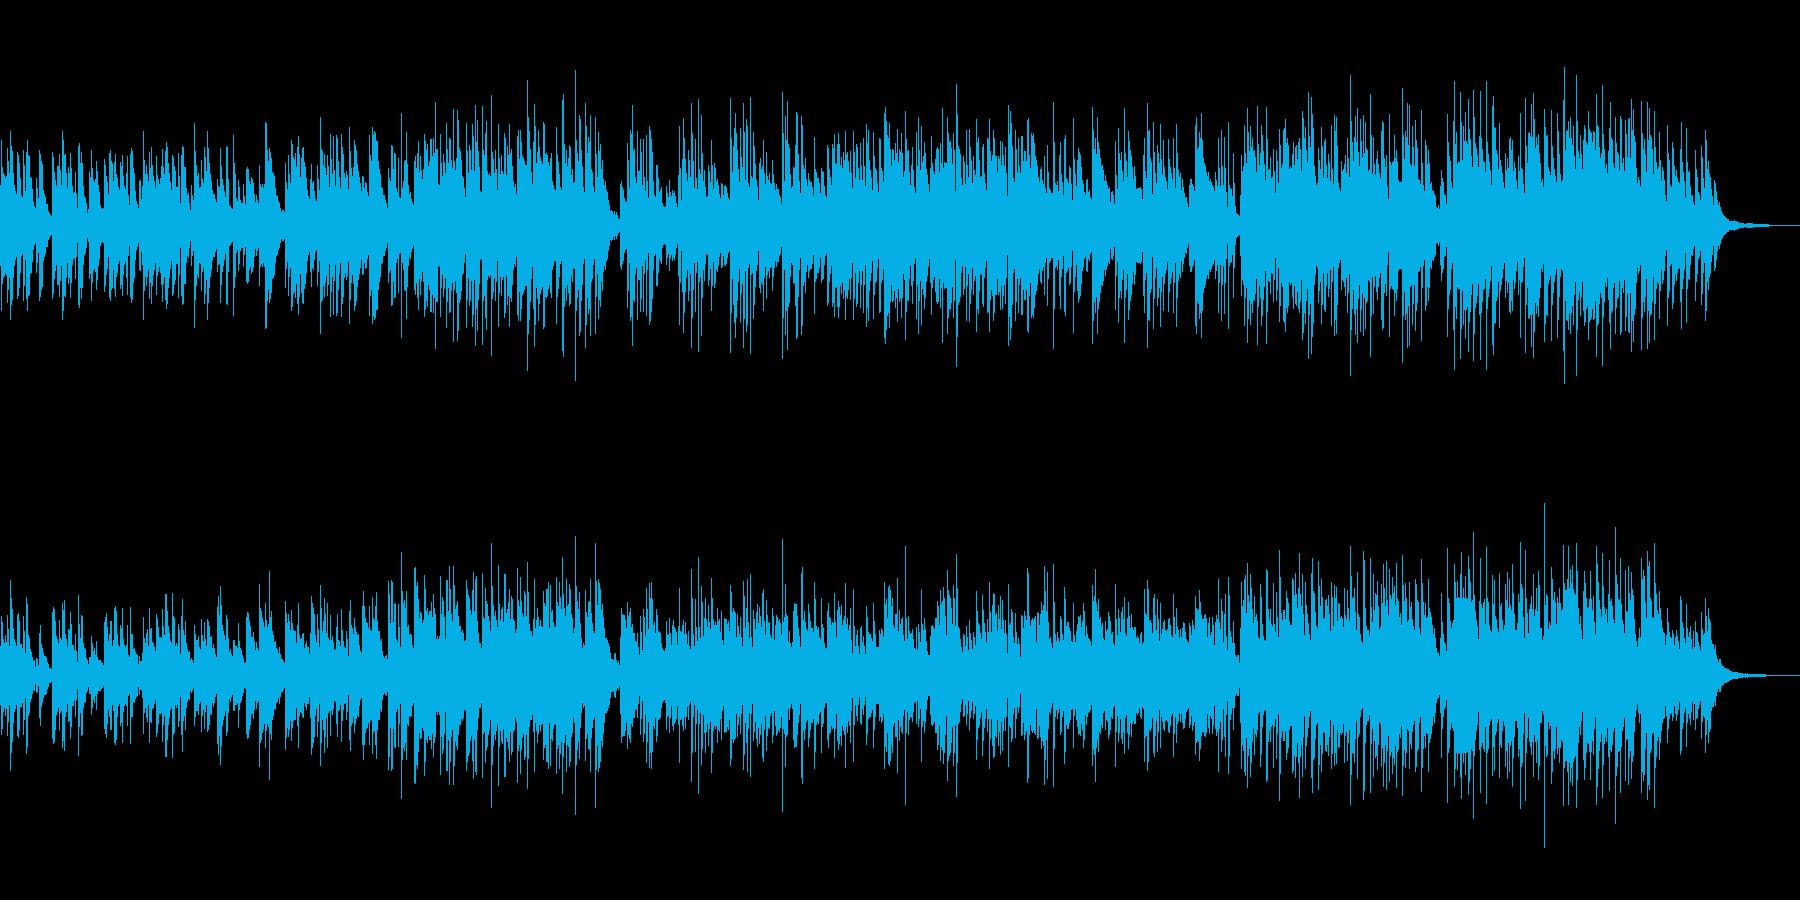 【ピアノバラード】感動系映像制作企業向けの再生済みの波形